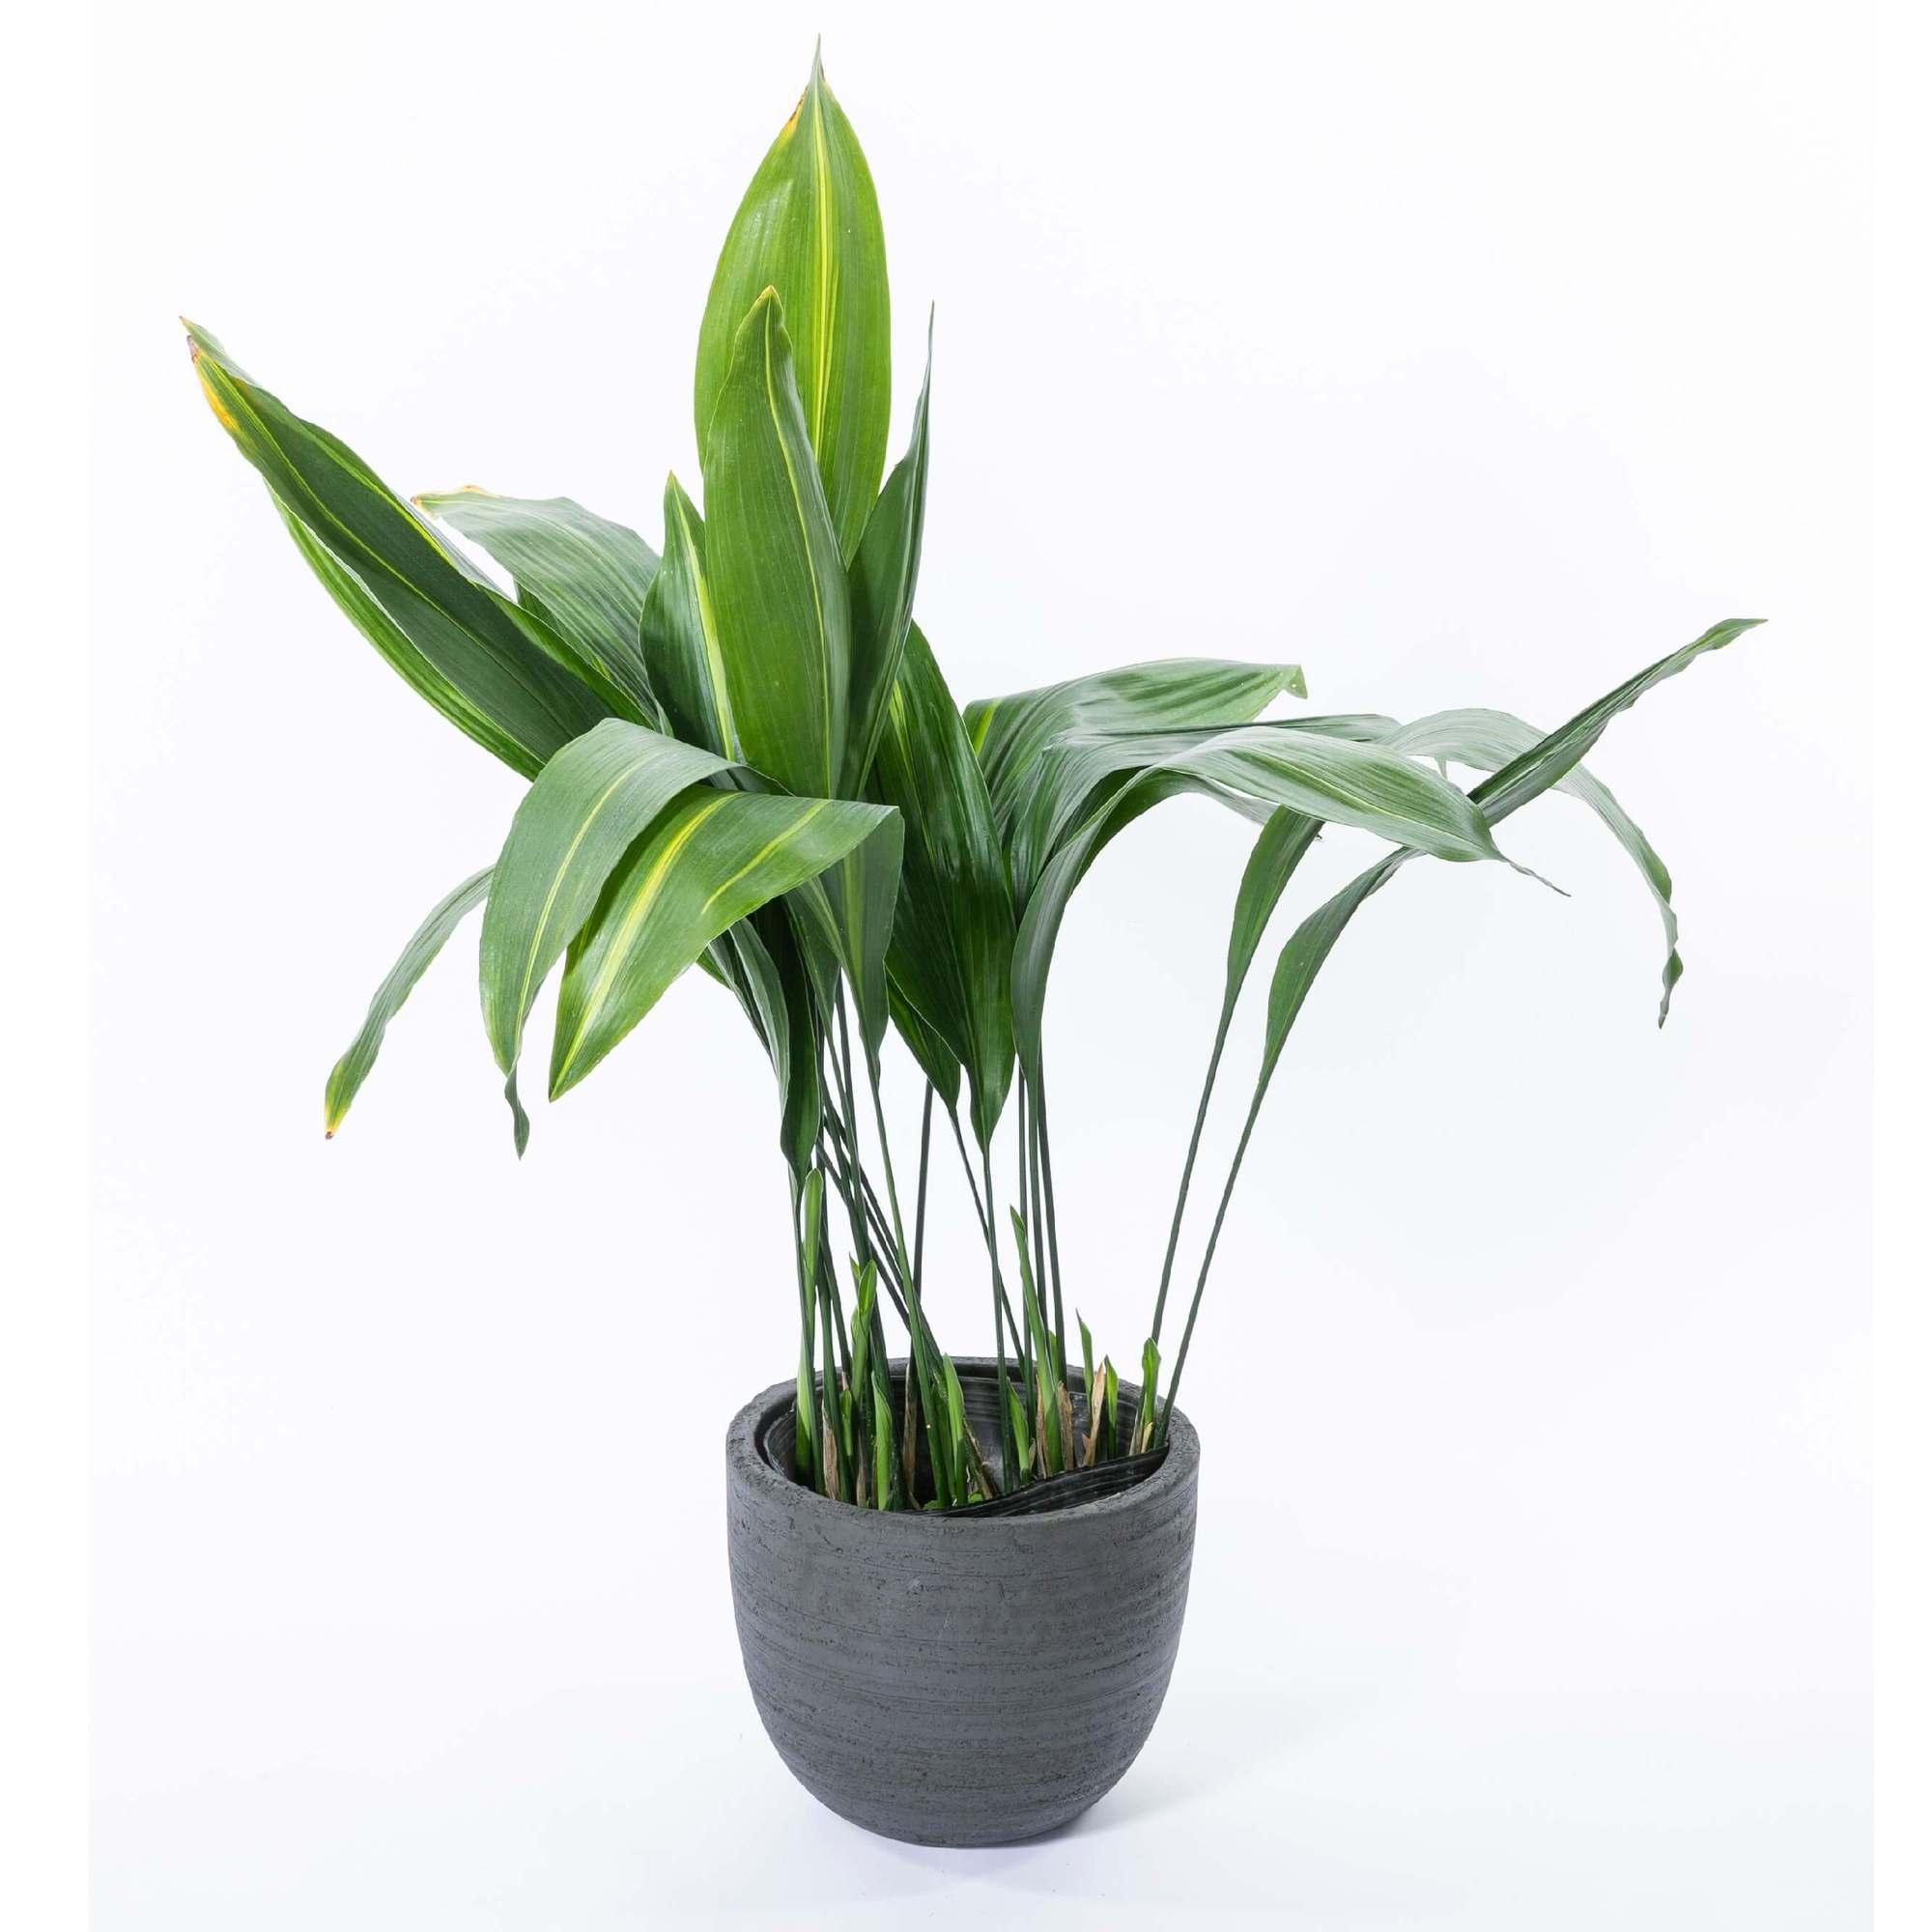 ハラン 観葉植物 植栽 常緑多年草